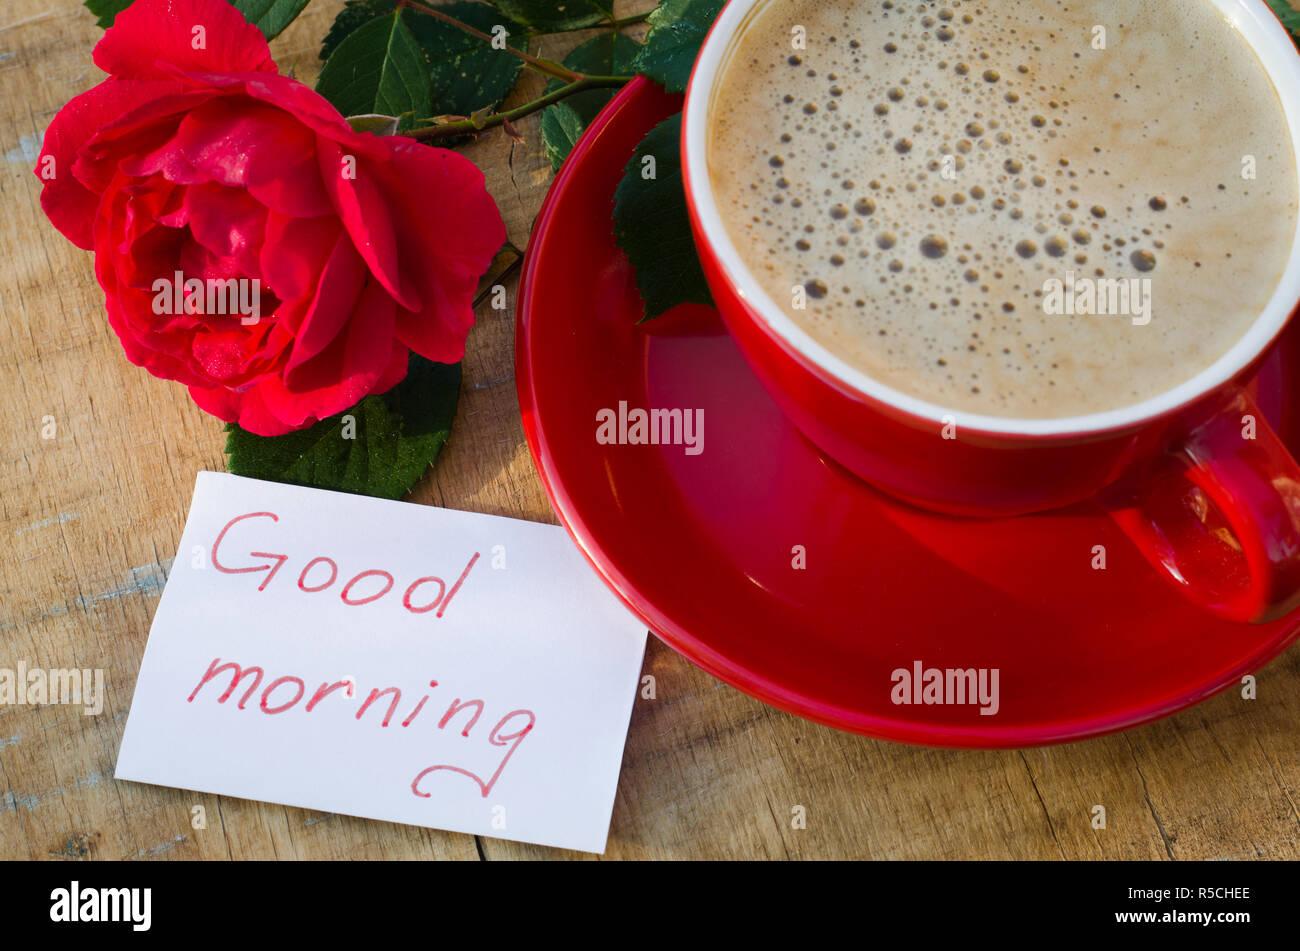 Kaffeetasse Mit Roter Rose Blume Und Notizen Guten Morgen